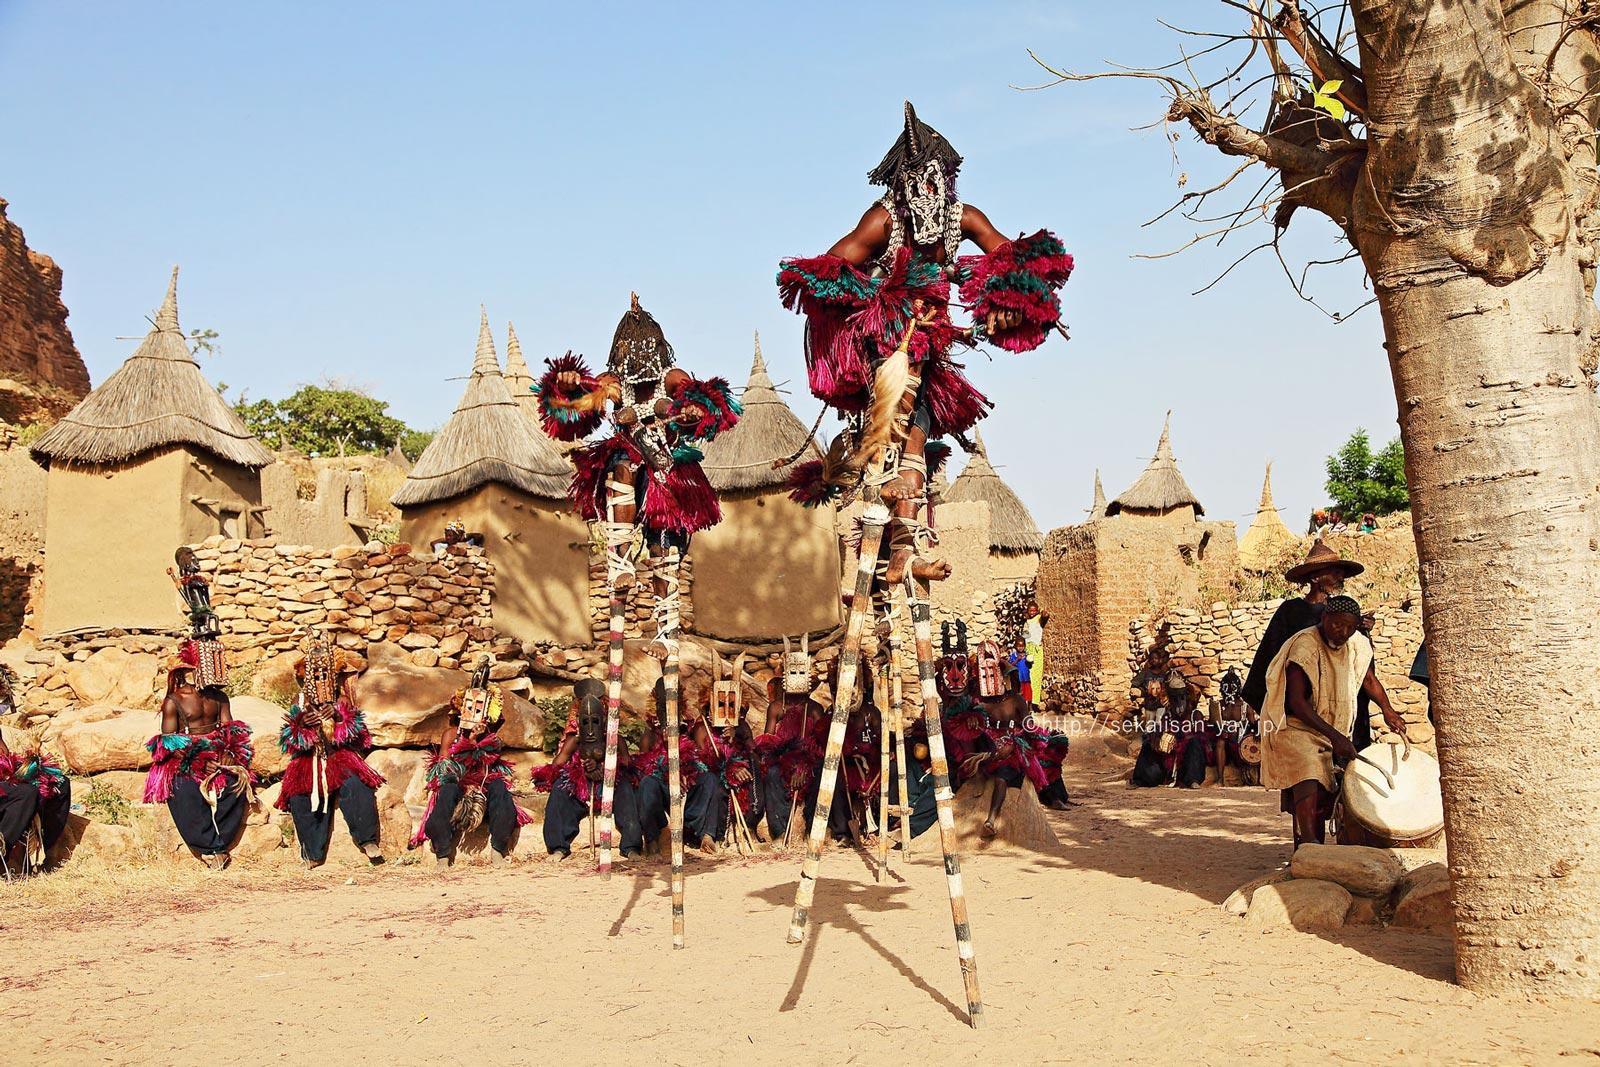 マリ「バンディアガラの断崖(ドゴン人の地)」ドゴンの仮面ダンス